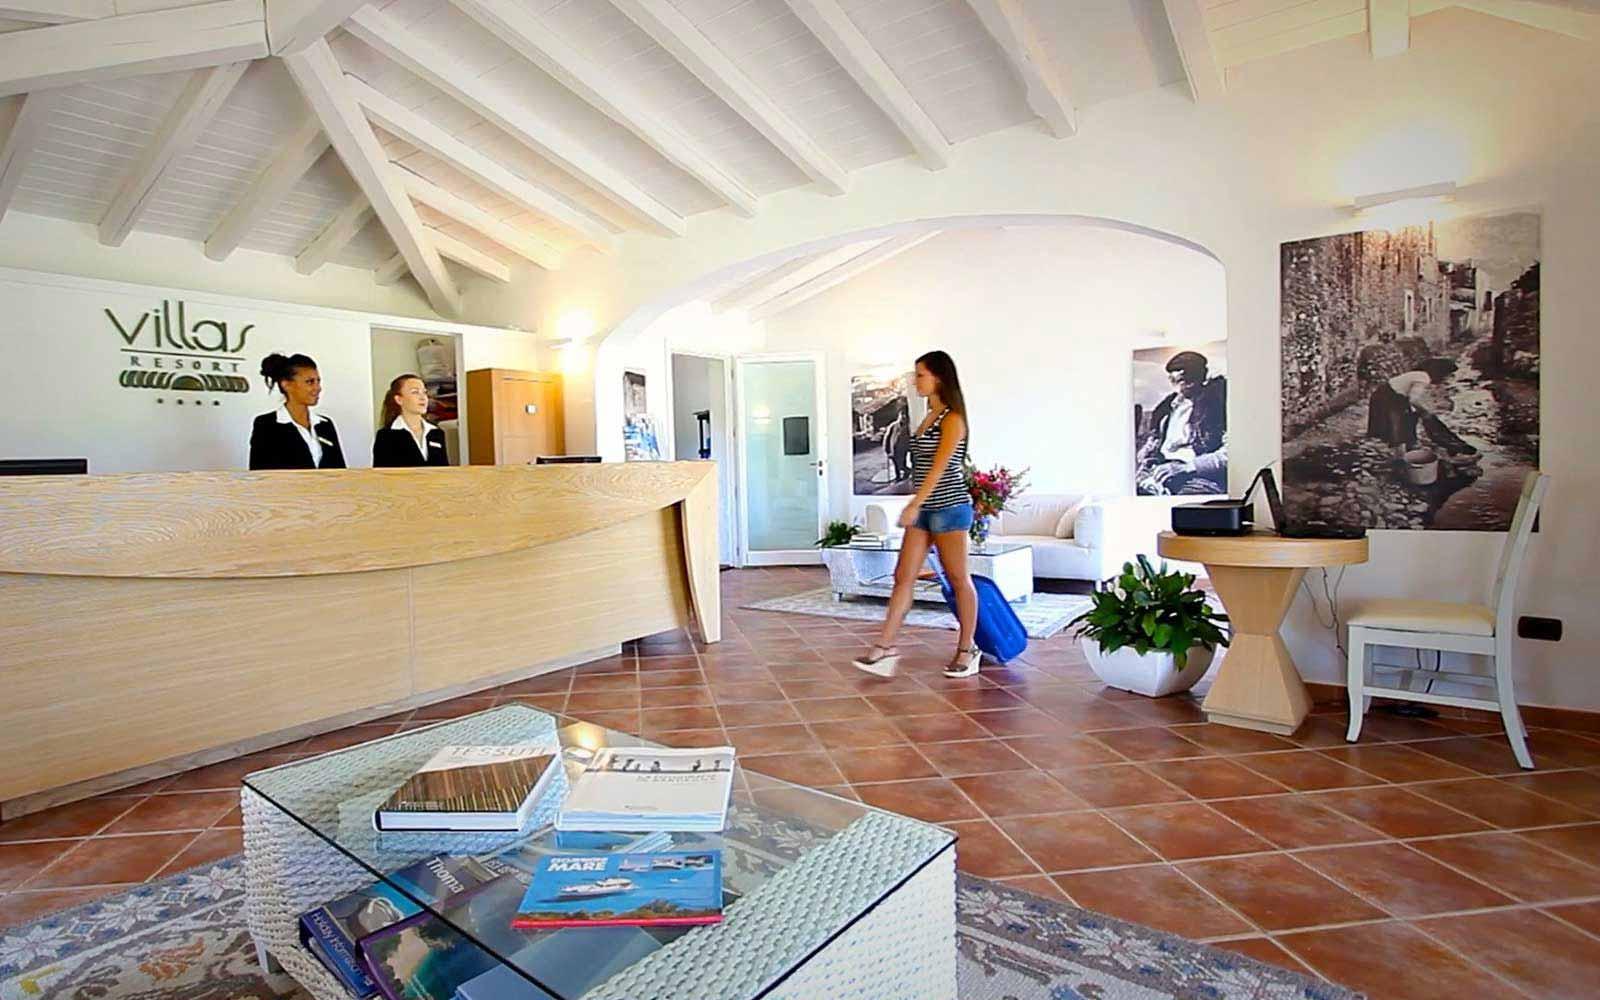 Reception at Hotel Villas Resort